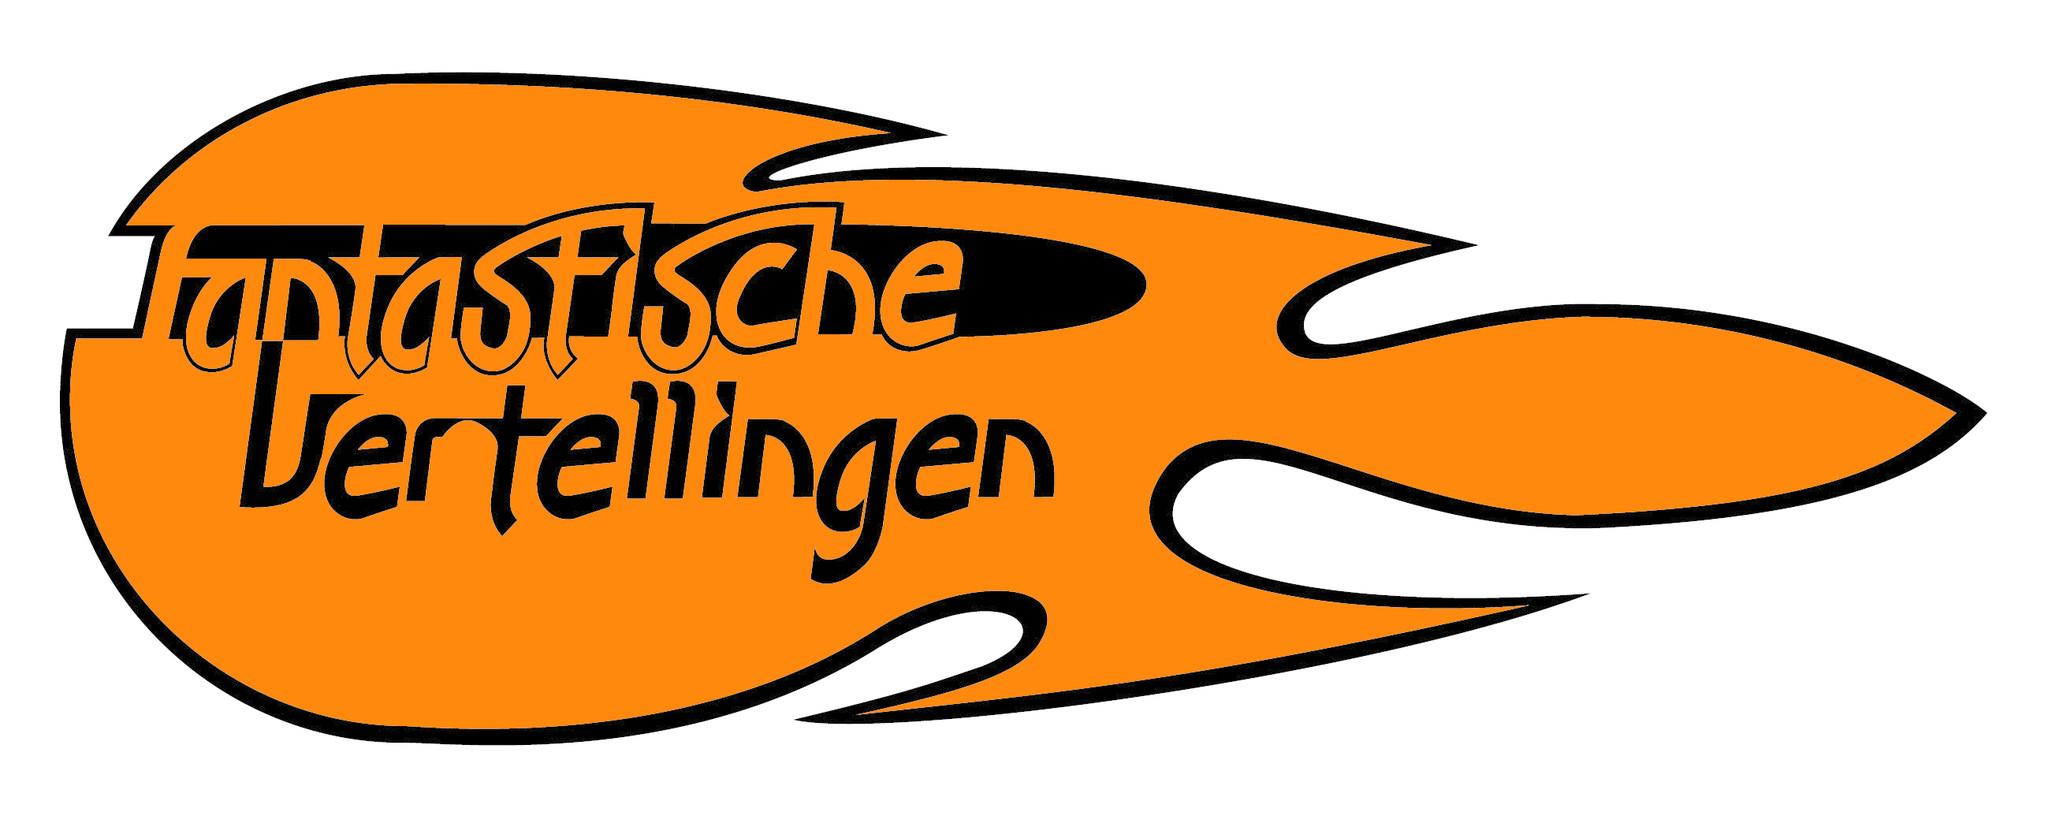 Stichting Fantastische Vertellingen logo